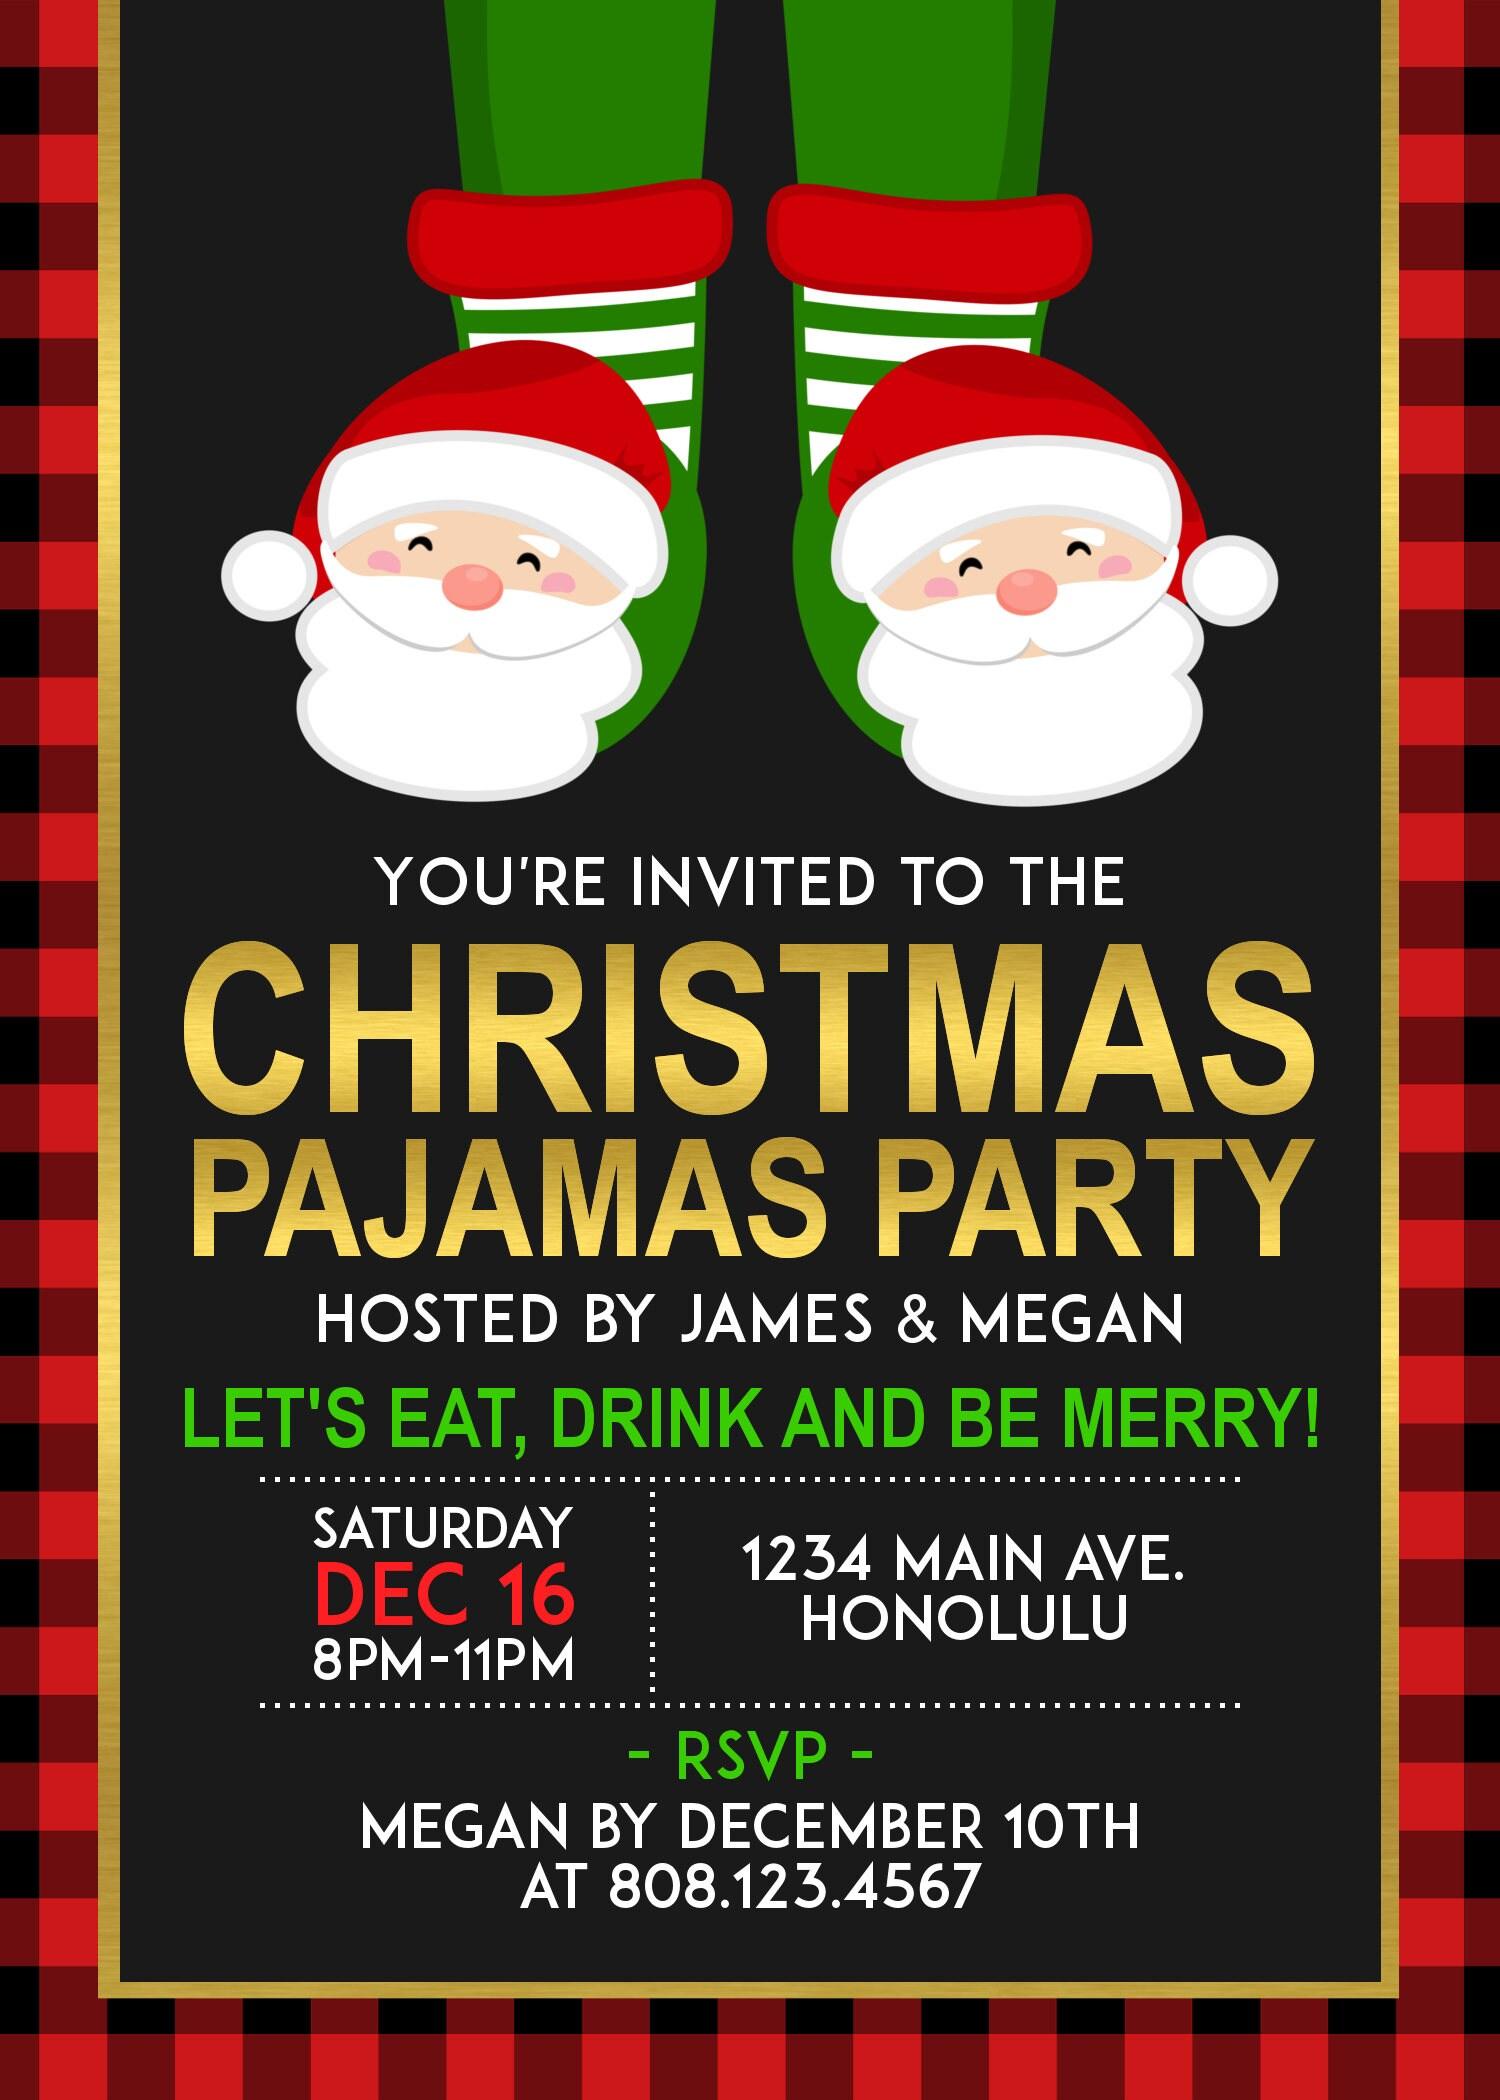 Christmas Pajamas Party Invitation. Pancakes and Pajamas Invitations ...